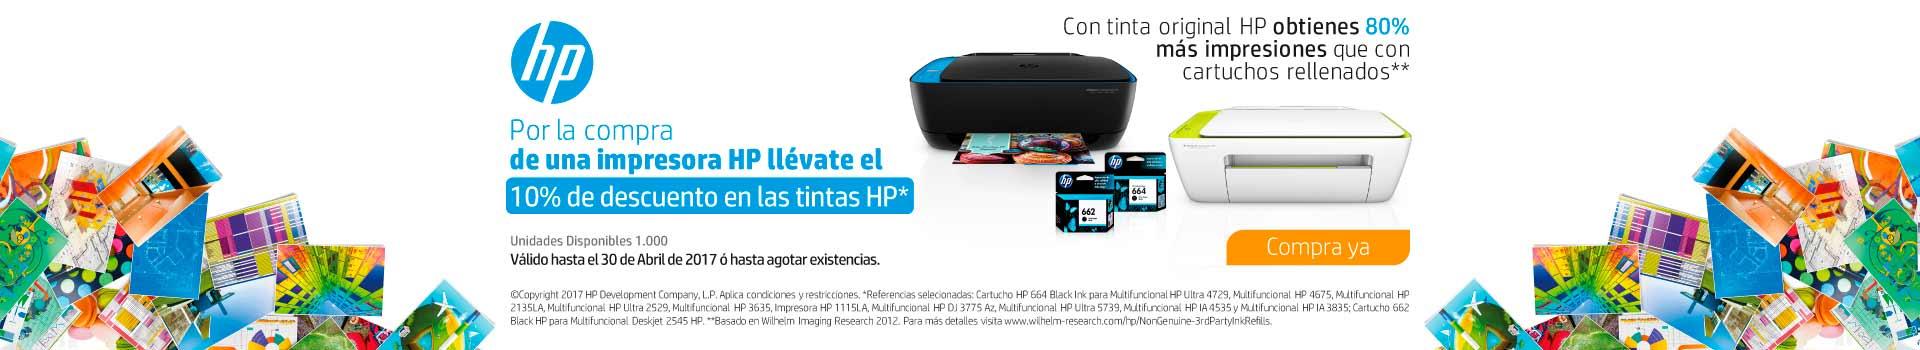 Pauta HP - CAT AK y KT INF - Comprando impresoras HP lleva 10% dto. en tintas HP - Abr 27